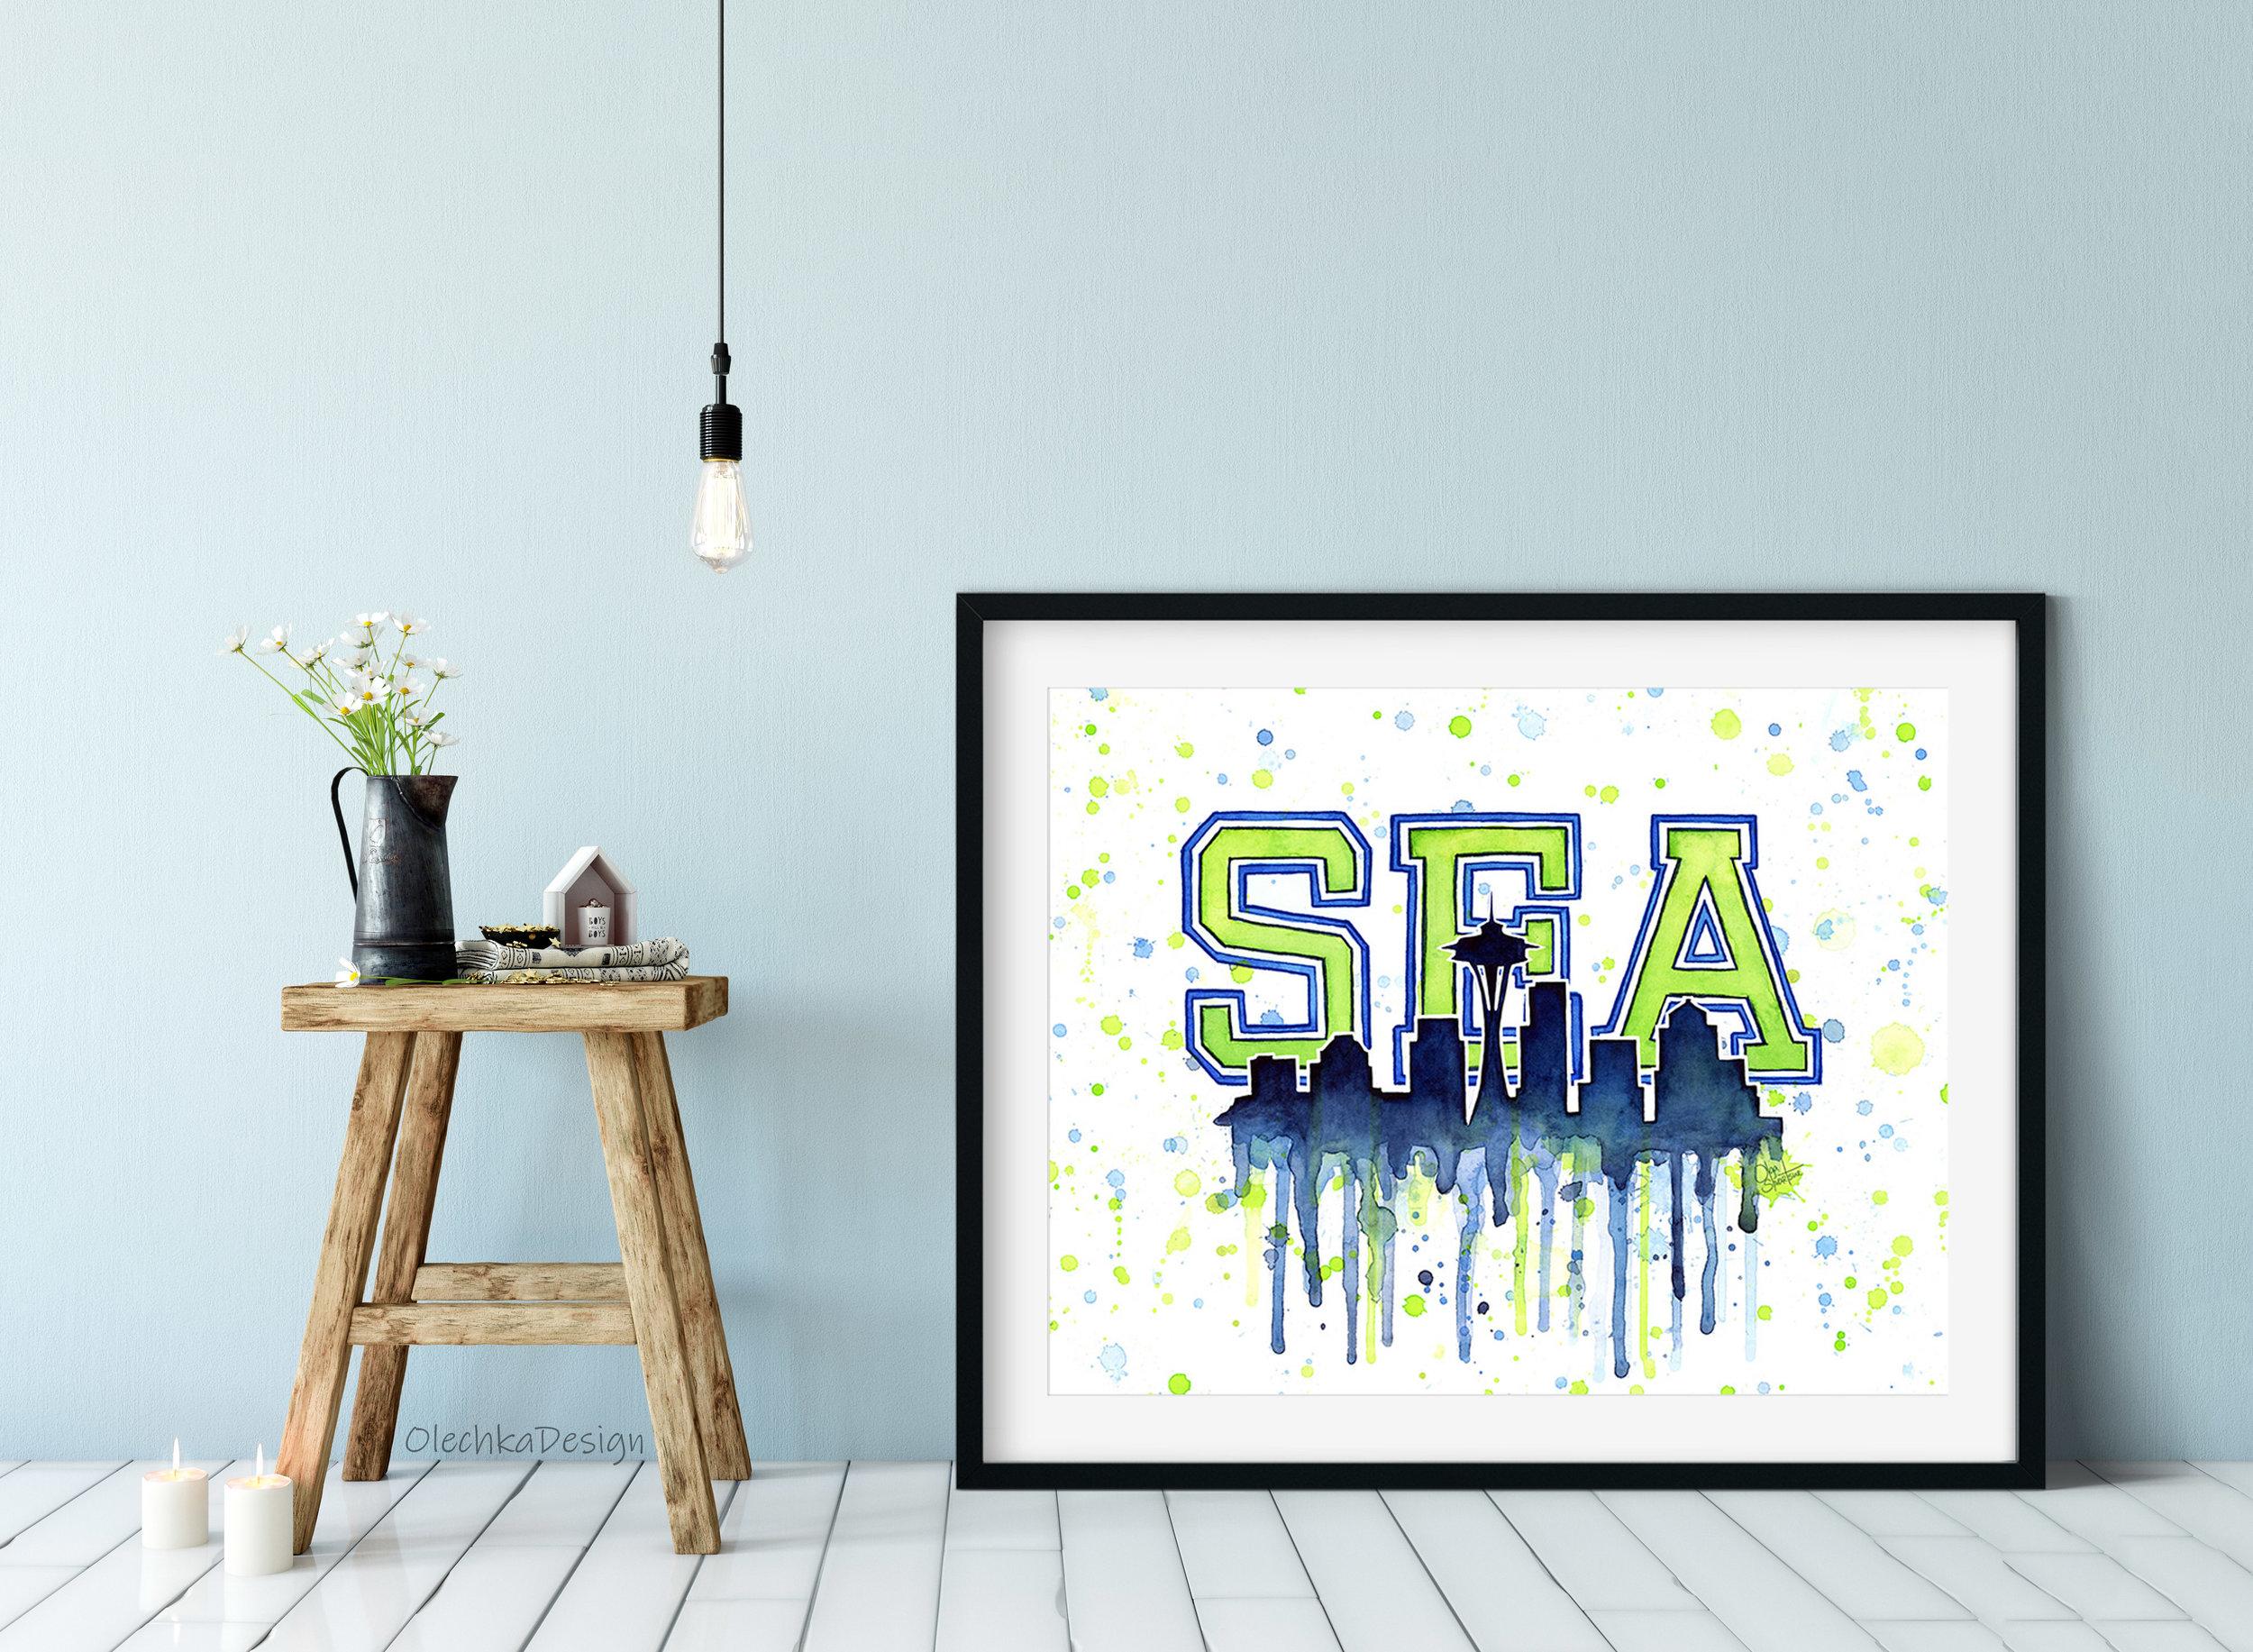 seattle-art,-seattle-wall-art-watercolor.jpg